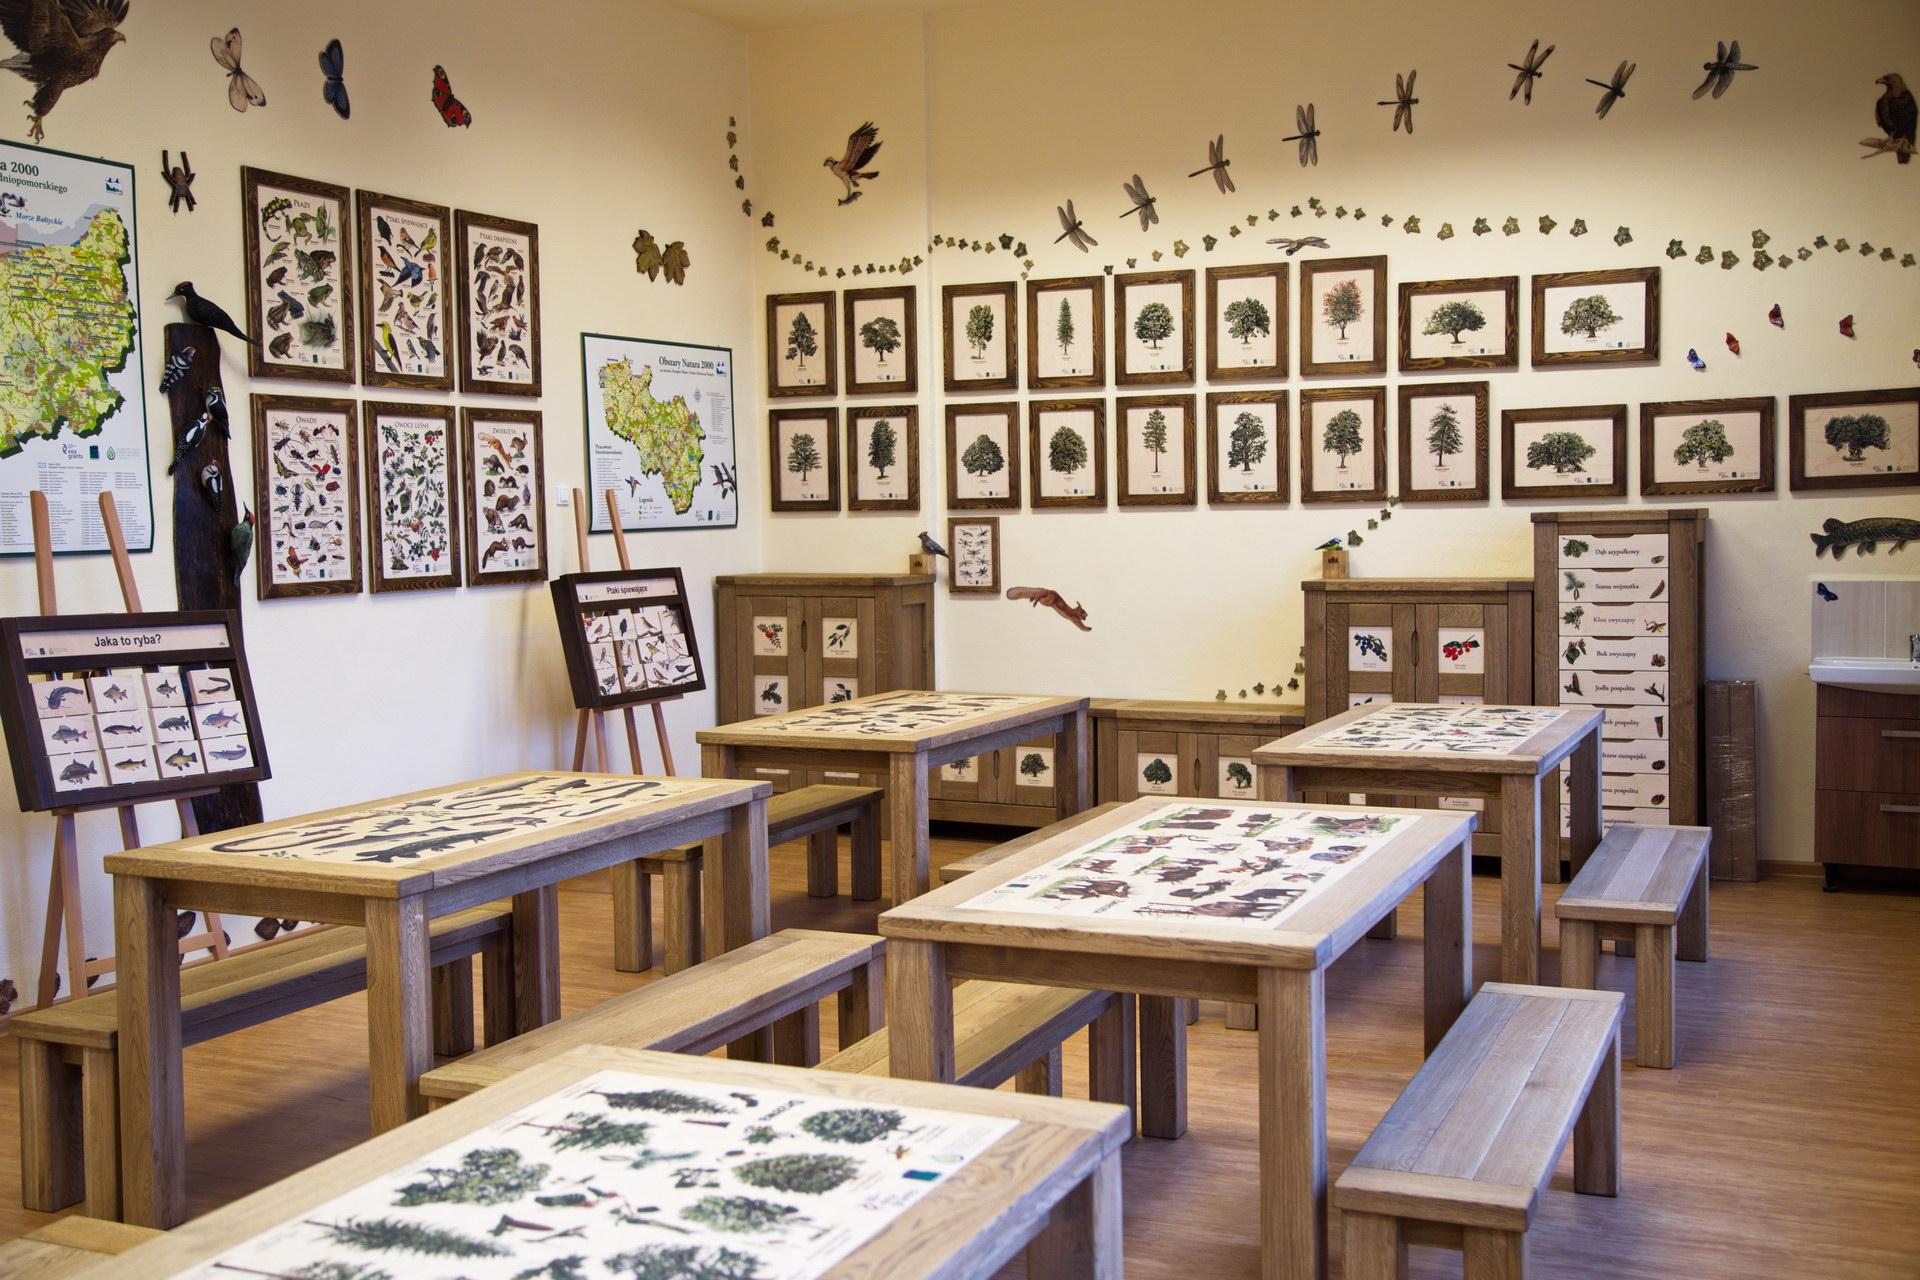 Izby edukacyjne lesne - sale przyrodnicze, wystroj wnetrz - PSP nr 1 w Polczynie Zdroju (3)